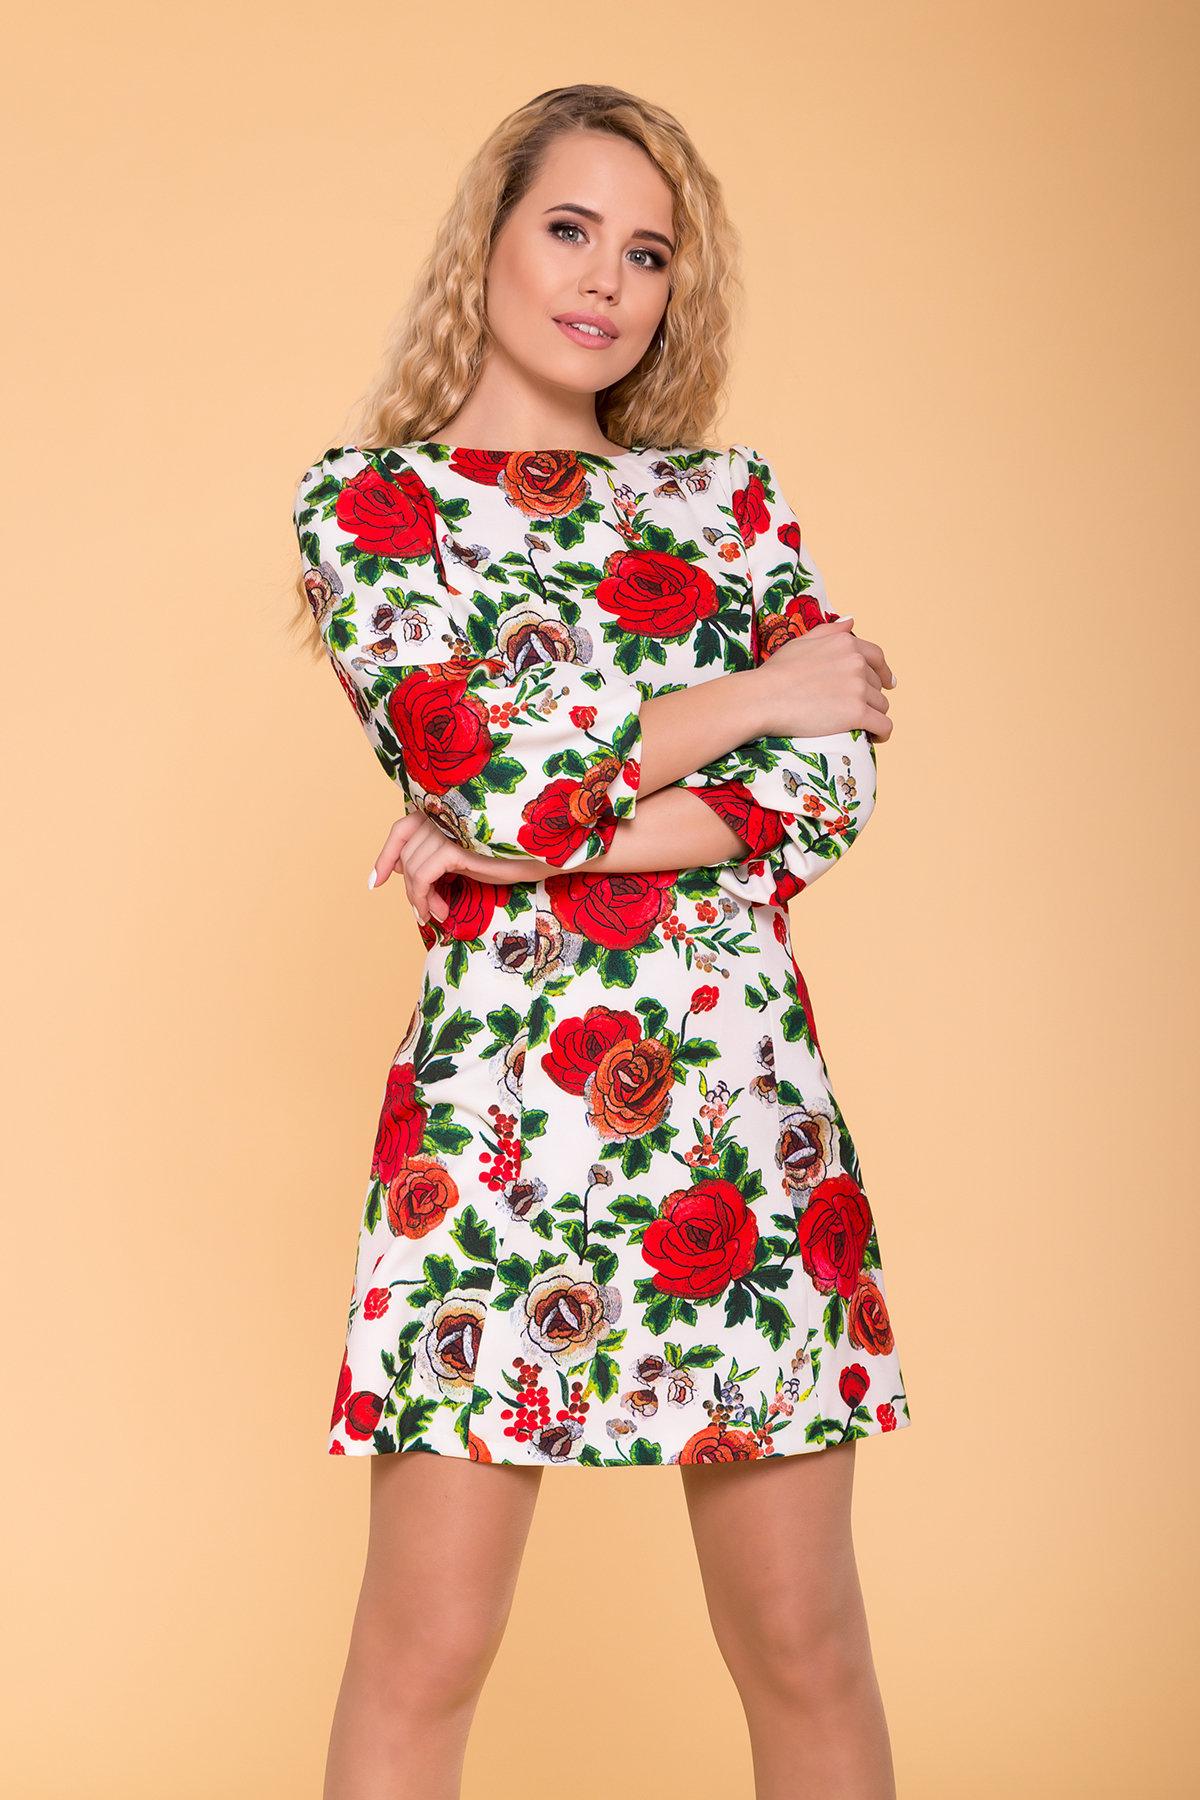 Платье Клеопатра 6662 АРТ. 41833 Цвет: цветы комби розовый светлый/ молоко - фото 3, интернет магазин tm-modus.ru